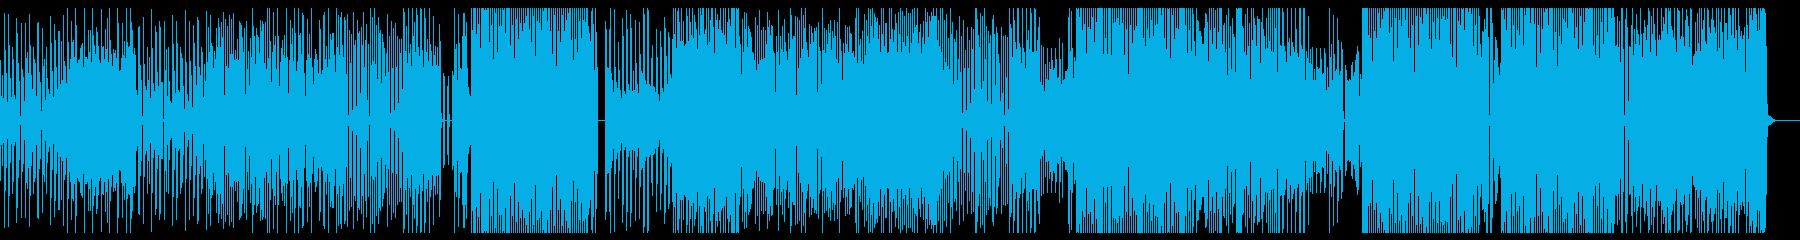 ダークな雰囲気のエレクトロビートの再生済みの波形